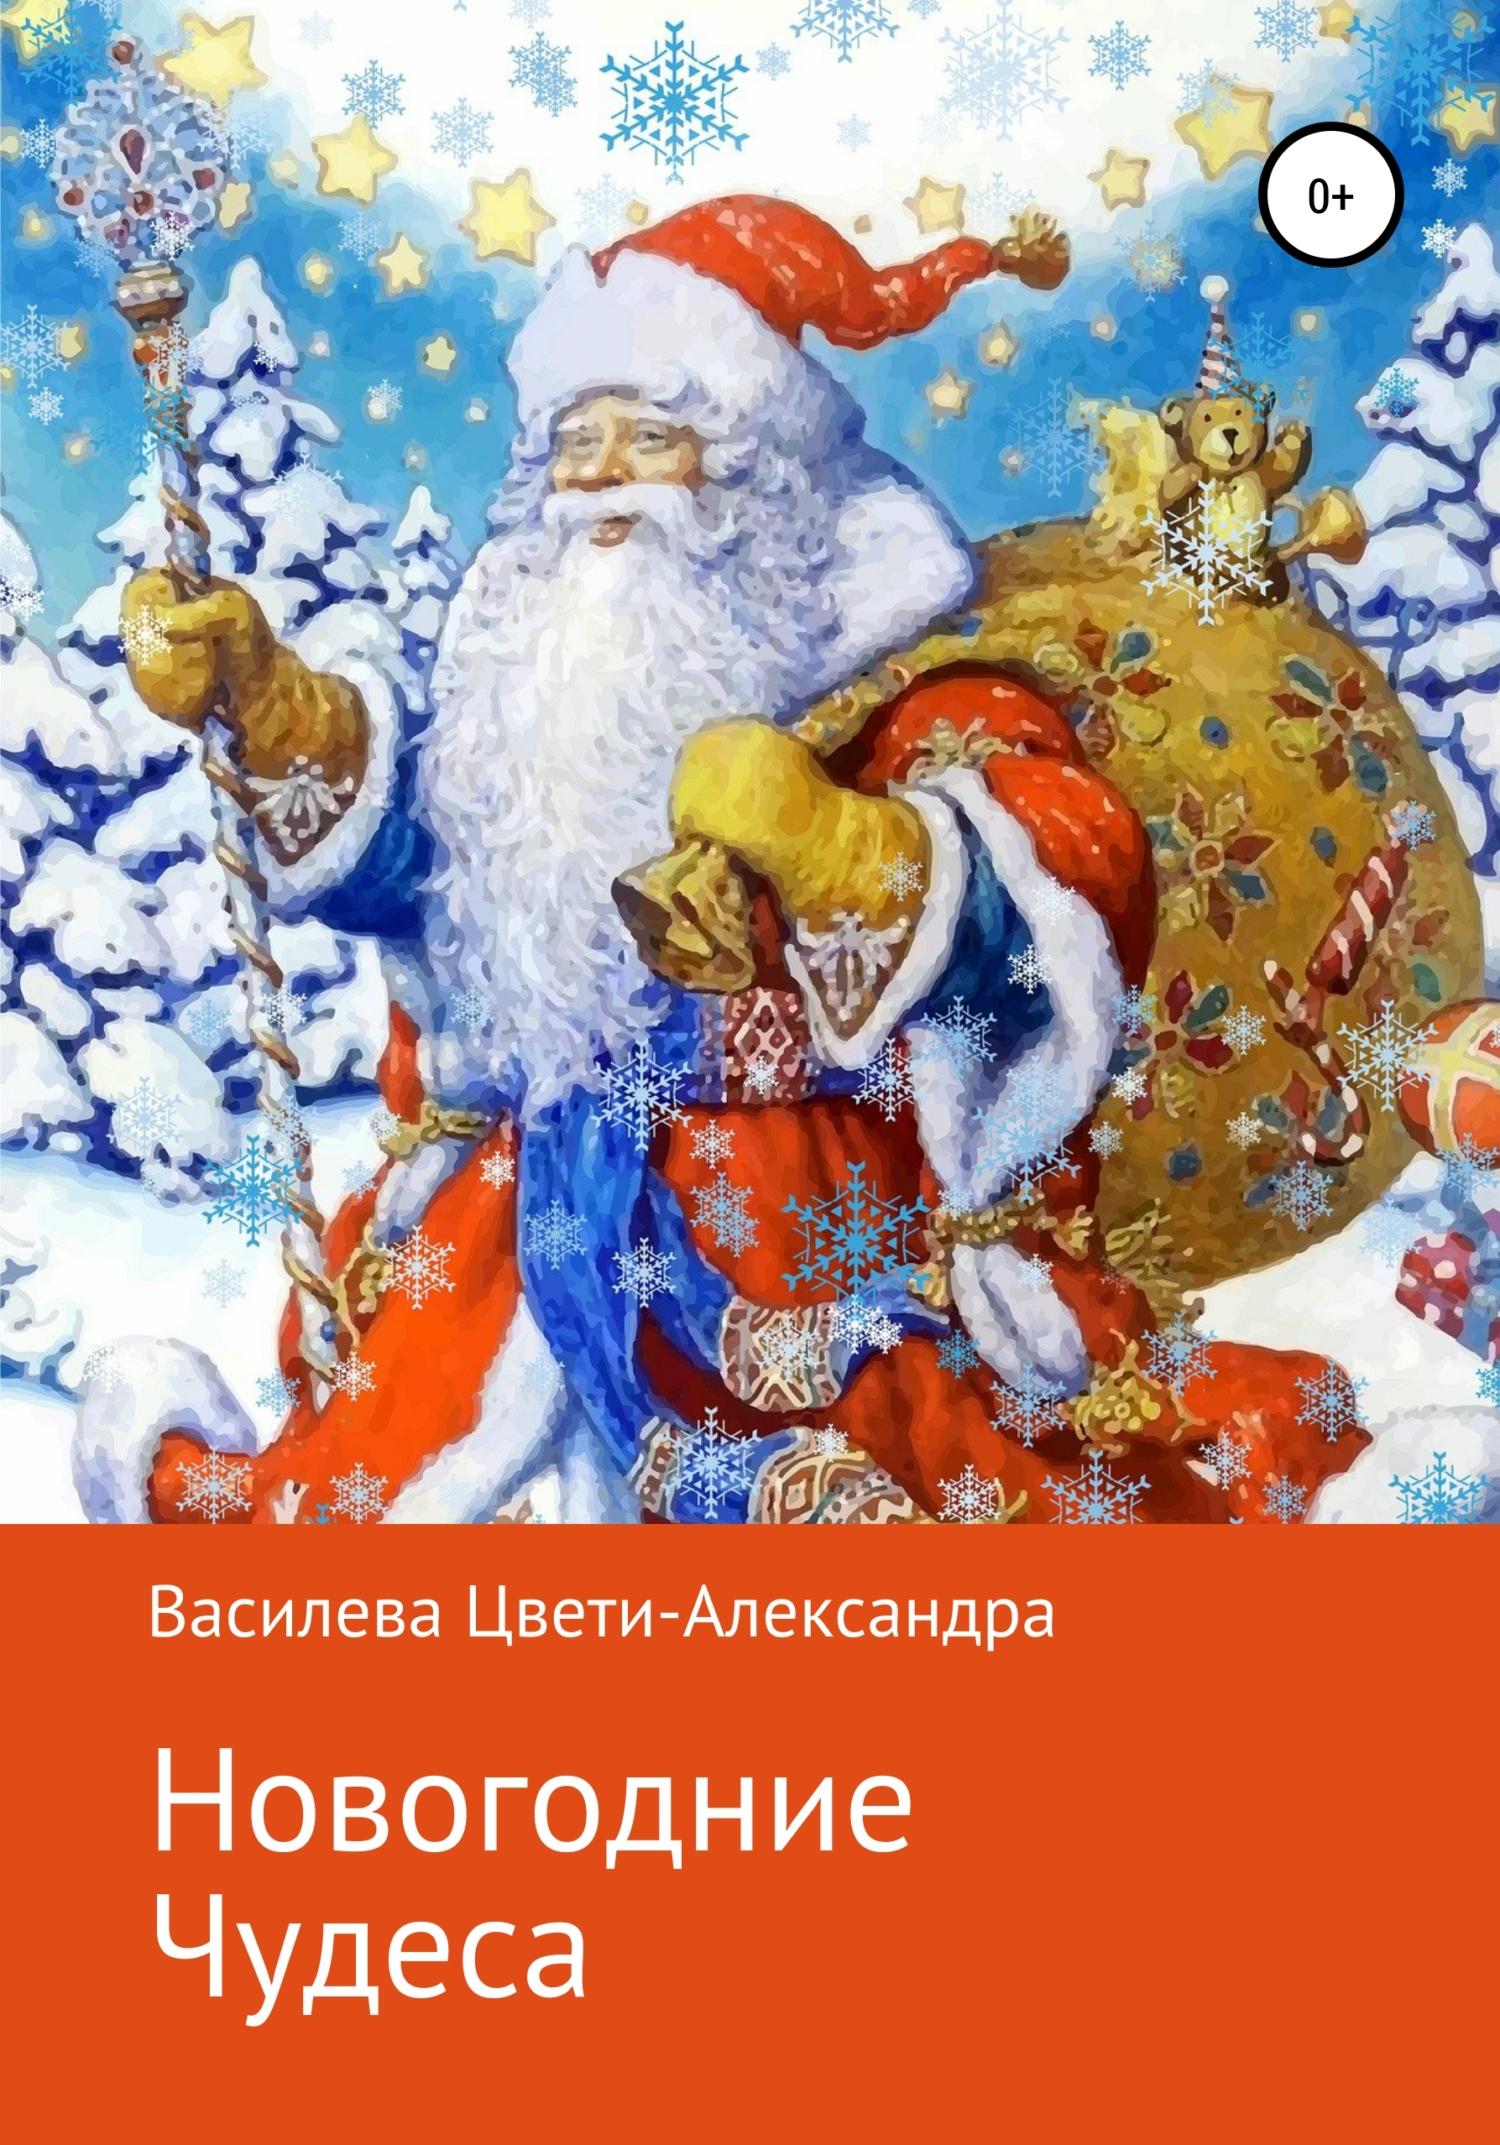 Купить книгу Новогодние чудеса, автора